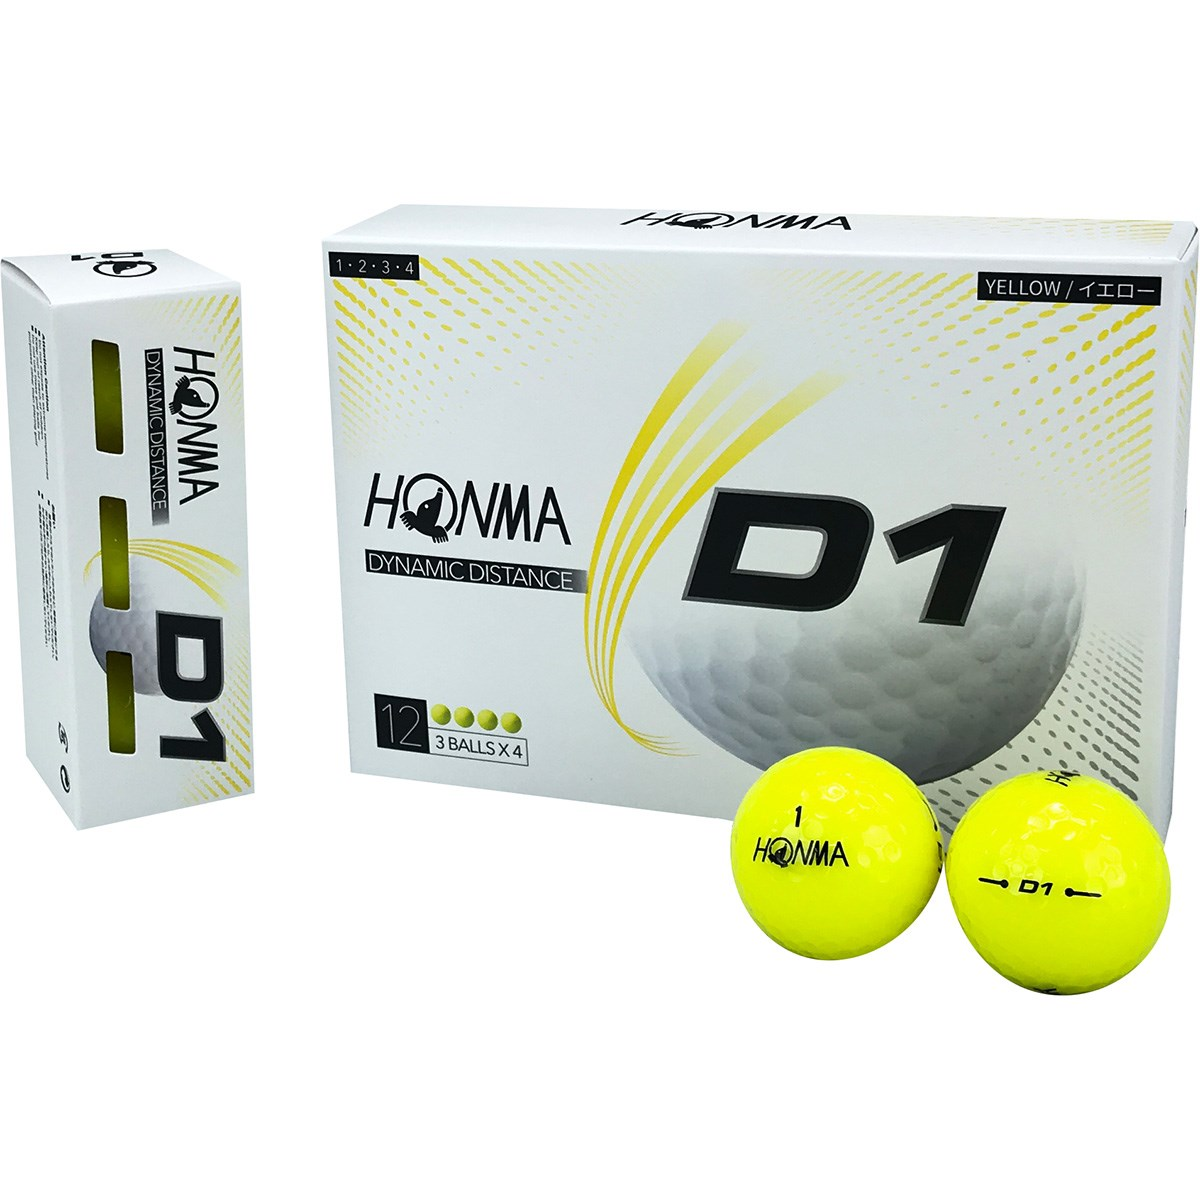 本間ゴルフ HONMA D1 ボール 2020年モデル 5ダースセット 5ダース(60個入り) イエロー